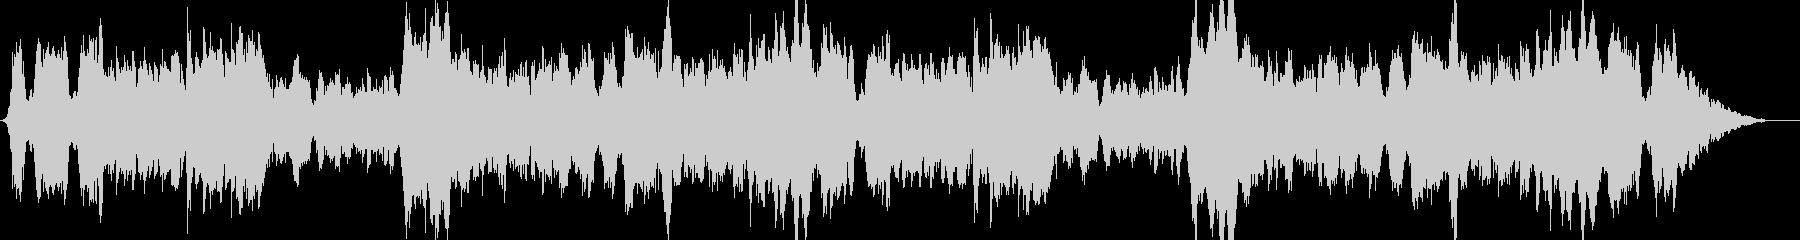 情緒的な旋律のオーケストラ楽曲の未再生の波形